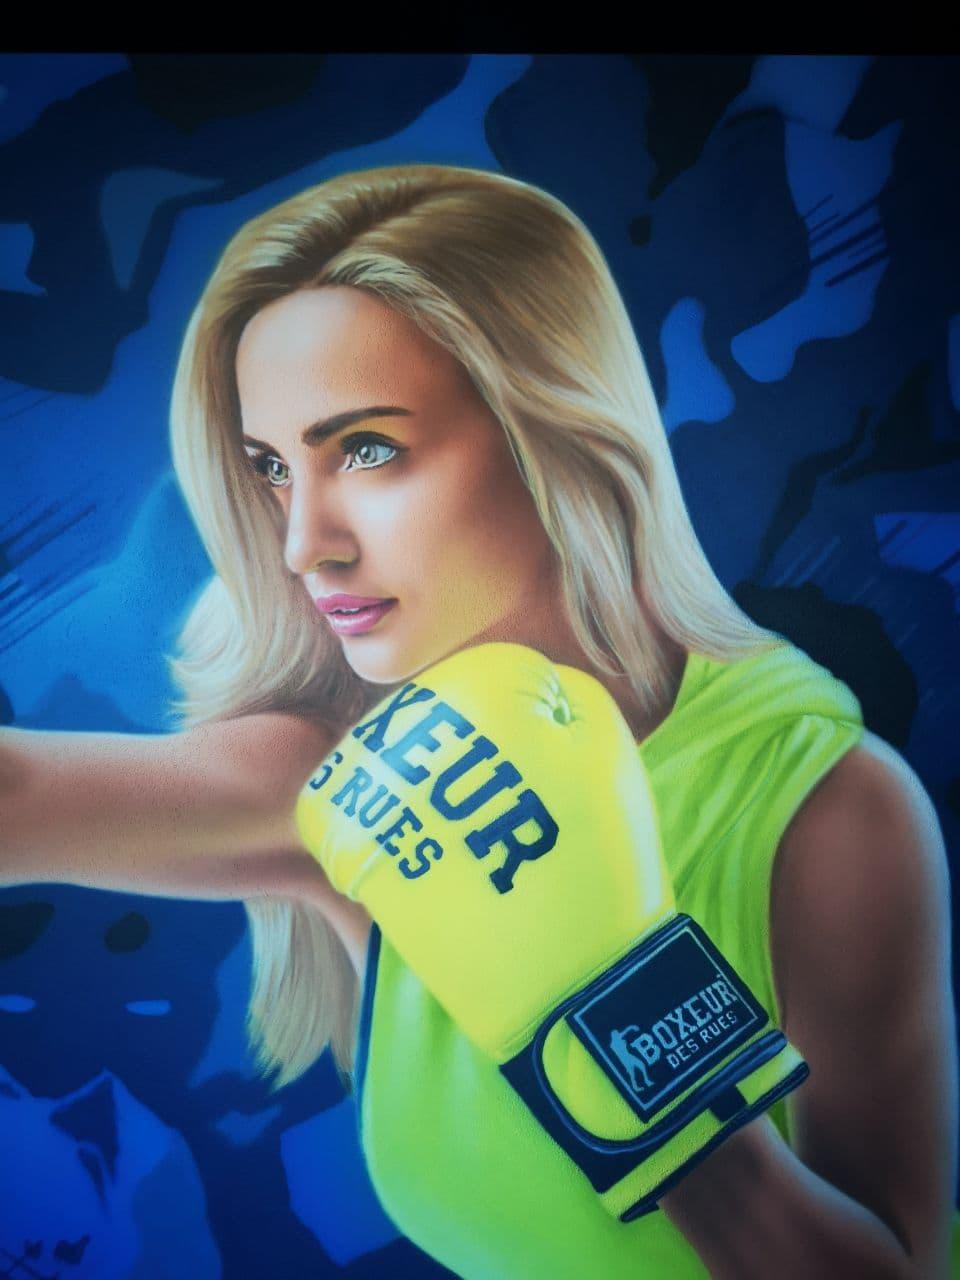 Роспись стен в спортзале офиса Епицентра UT-ART STUDIO спортсменка крупный план